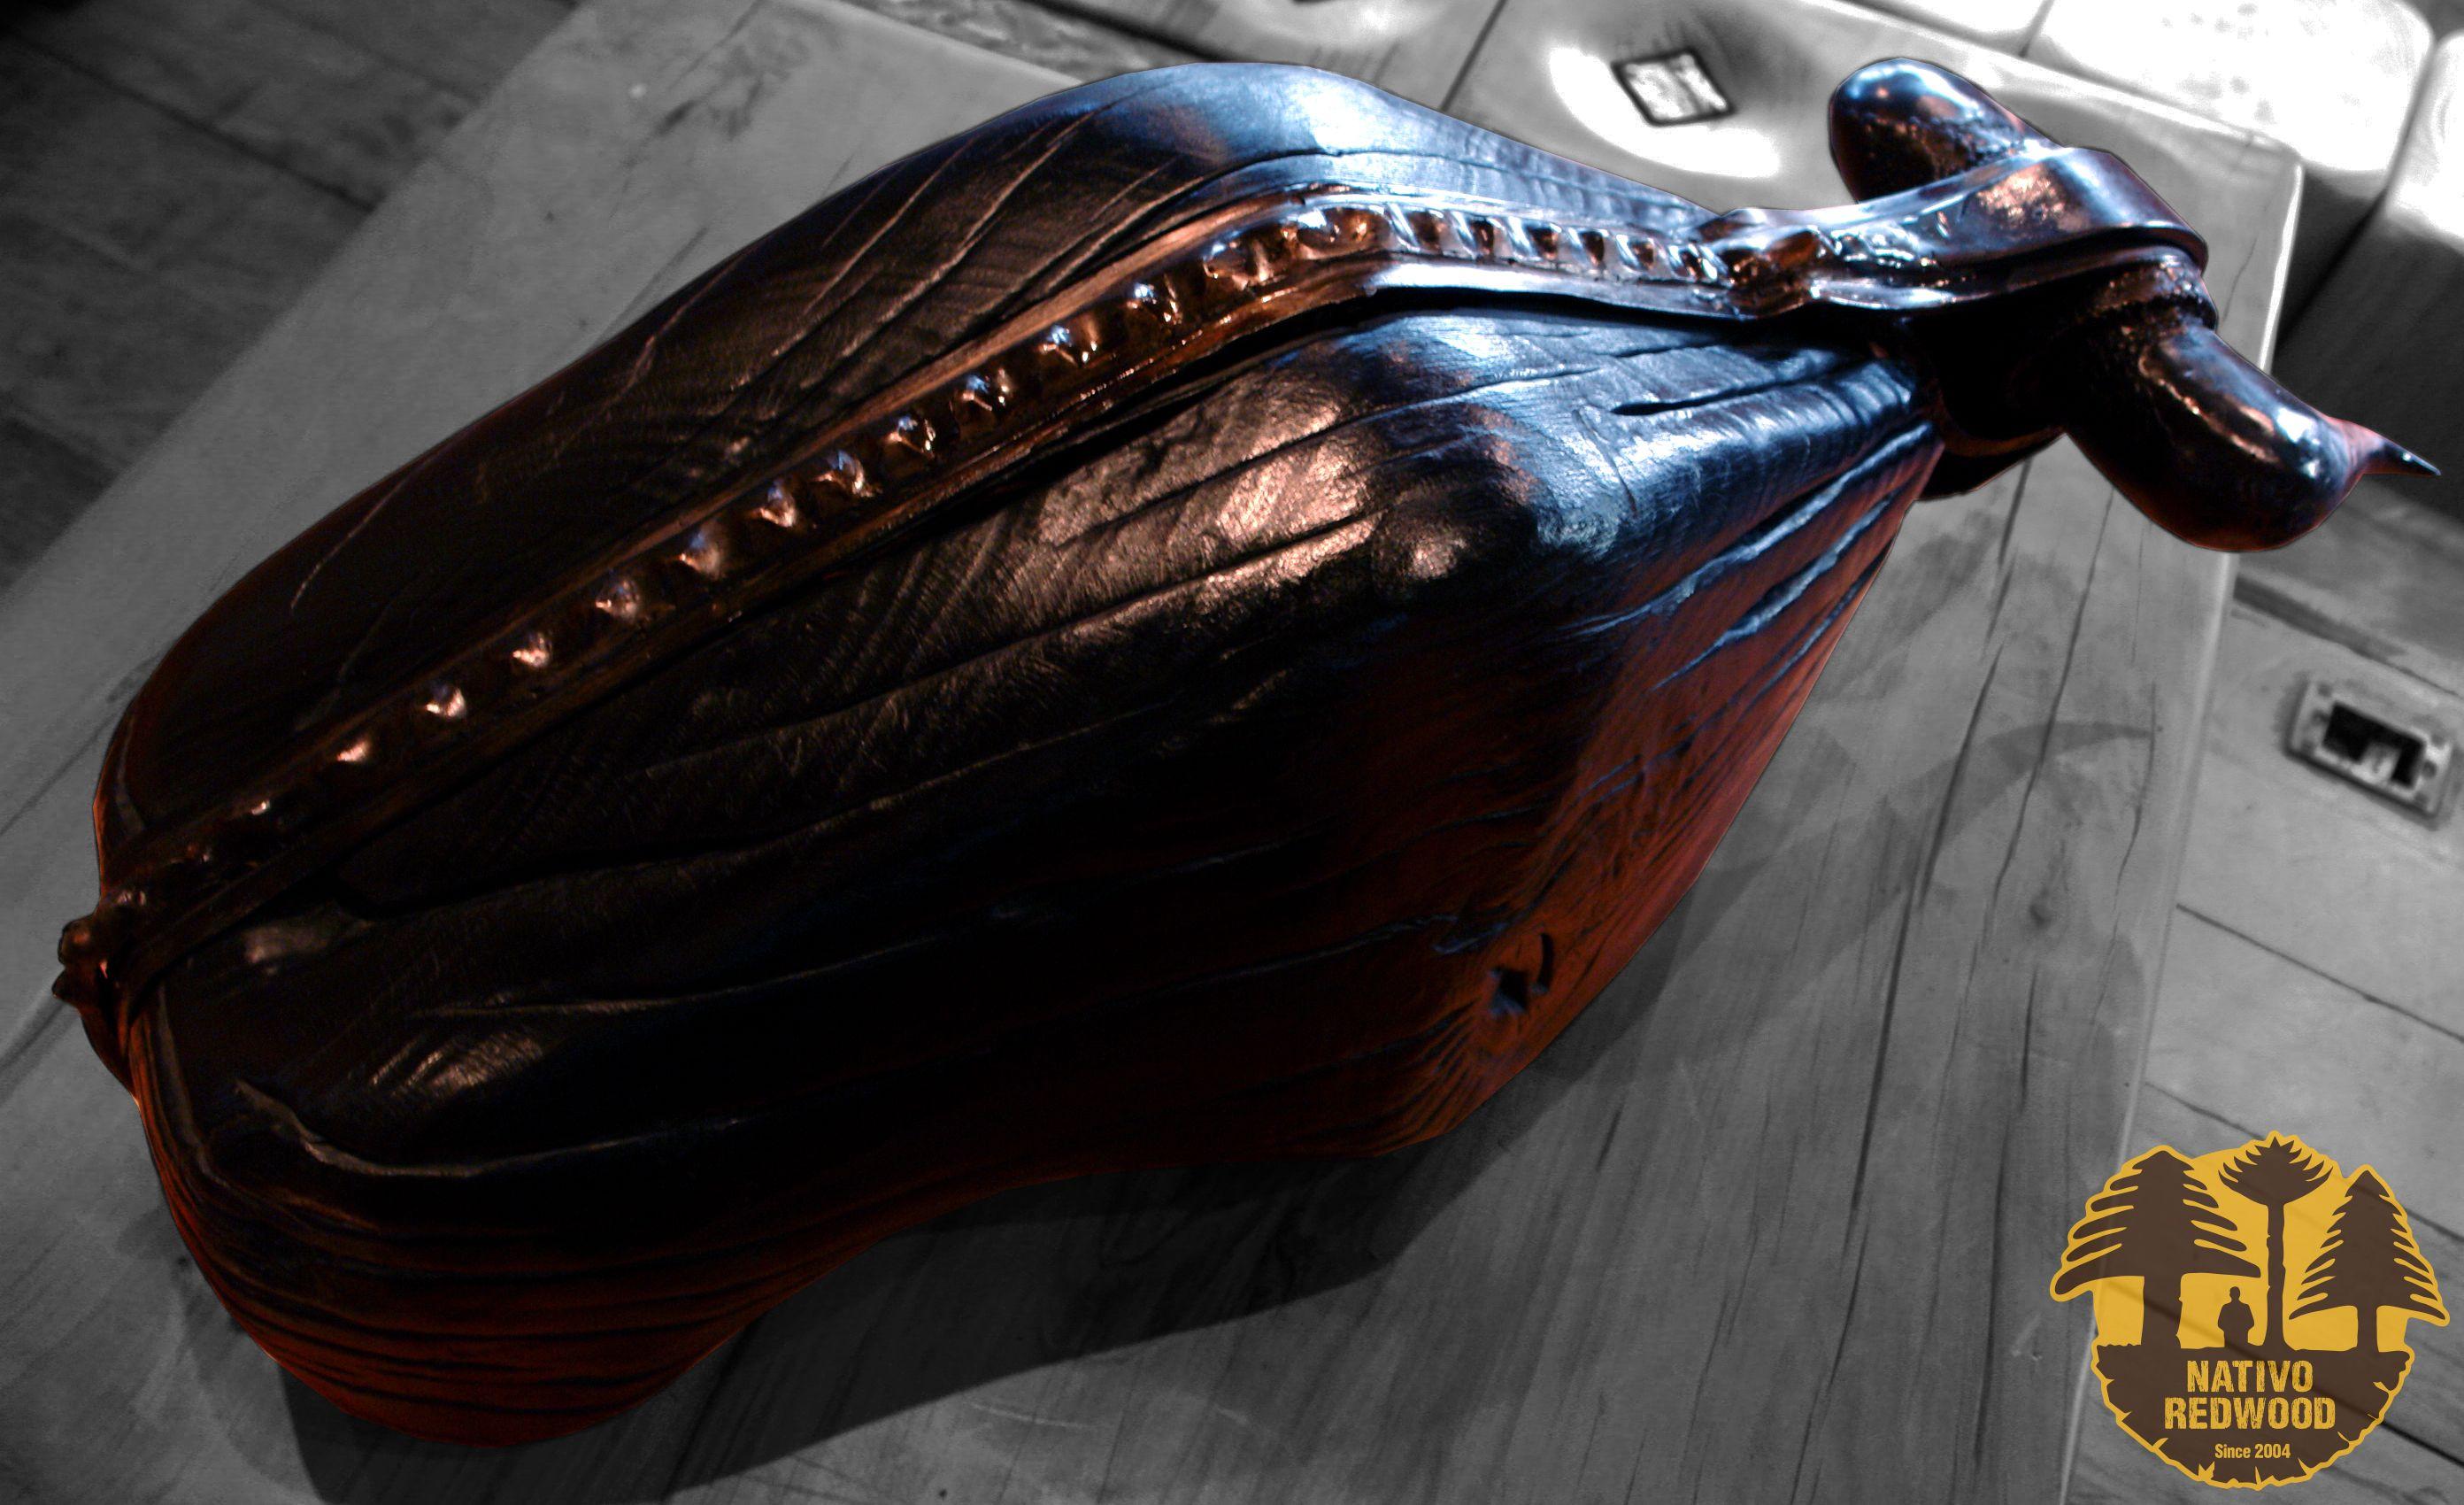 Escultura toro grande de madera de roble rústico carbonizado con columna y cachos de fierro forjado reciclado.  Diseño de JPBisbal www.facebook.com/nativoredwoodsa